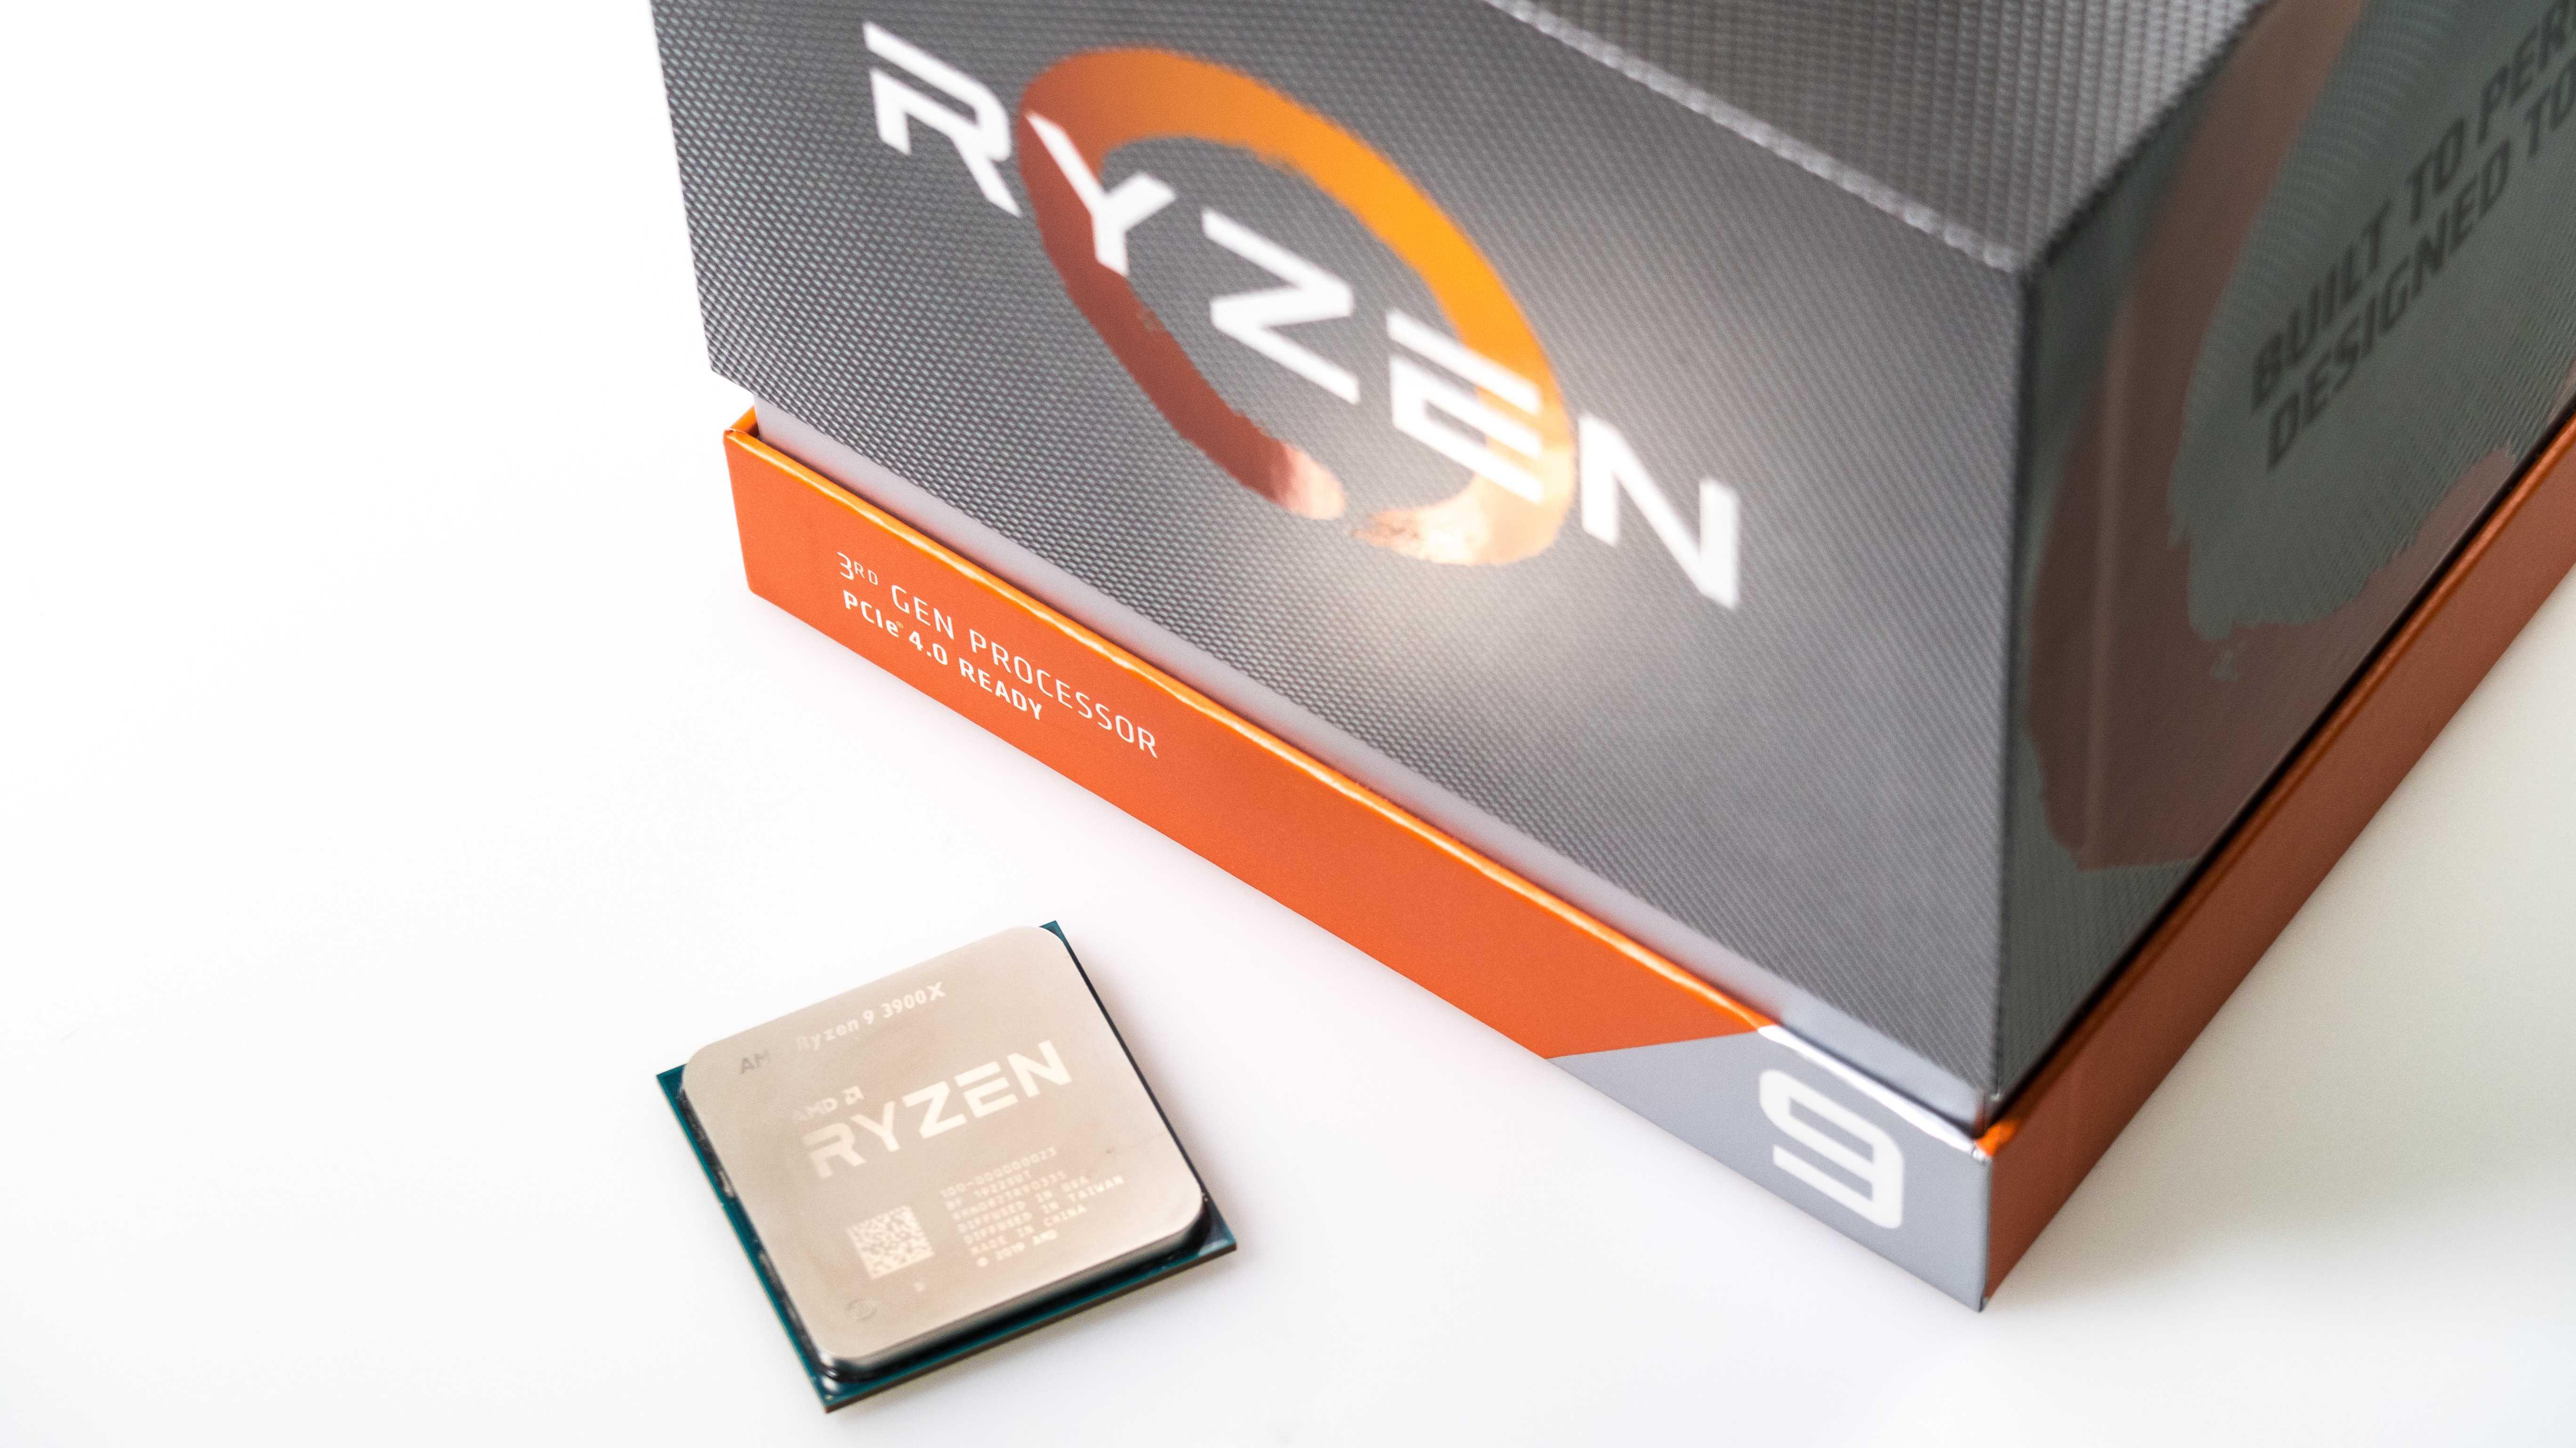 AMD Ryzen 3000: BIOS-Updates mit Linux-Fix wegen Fehler zurückgezogen